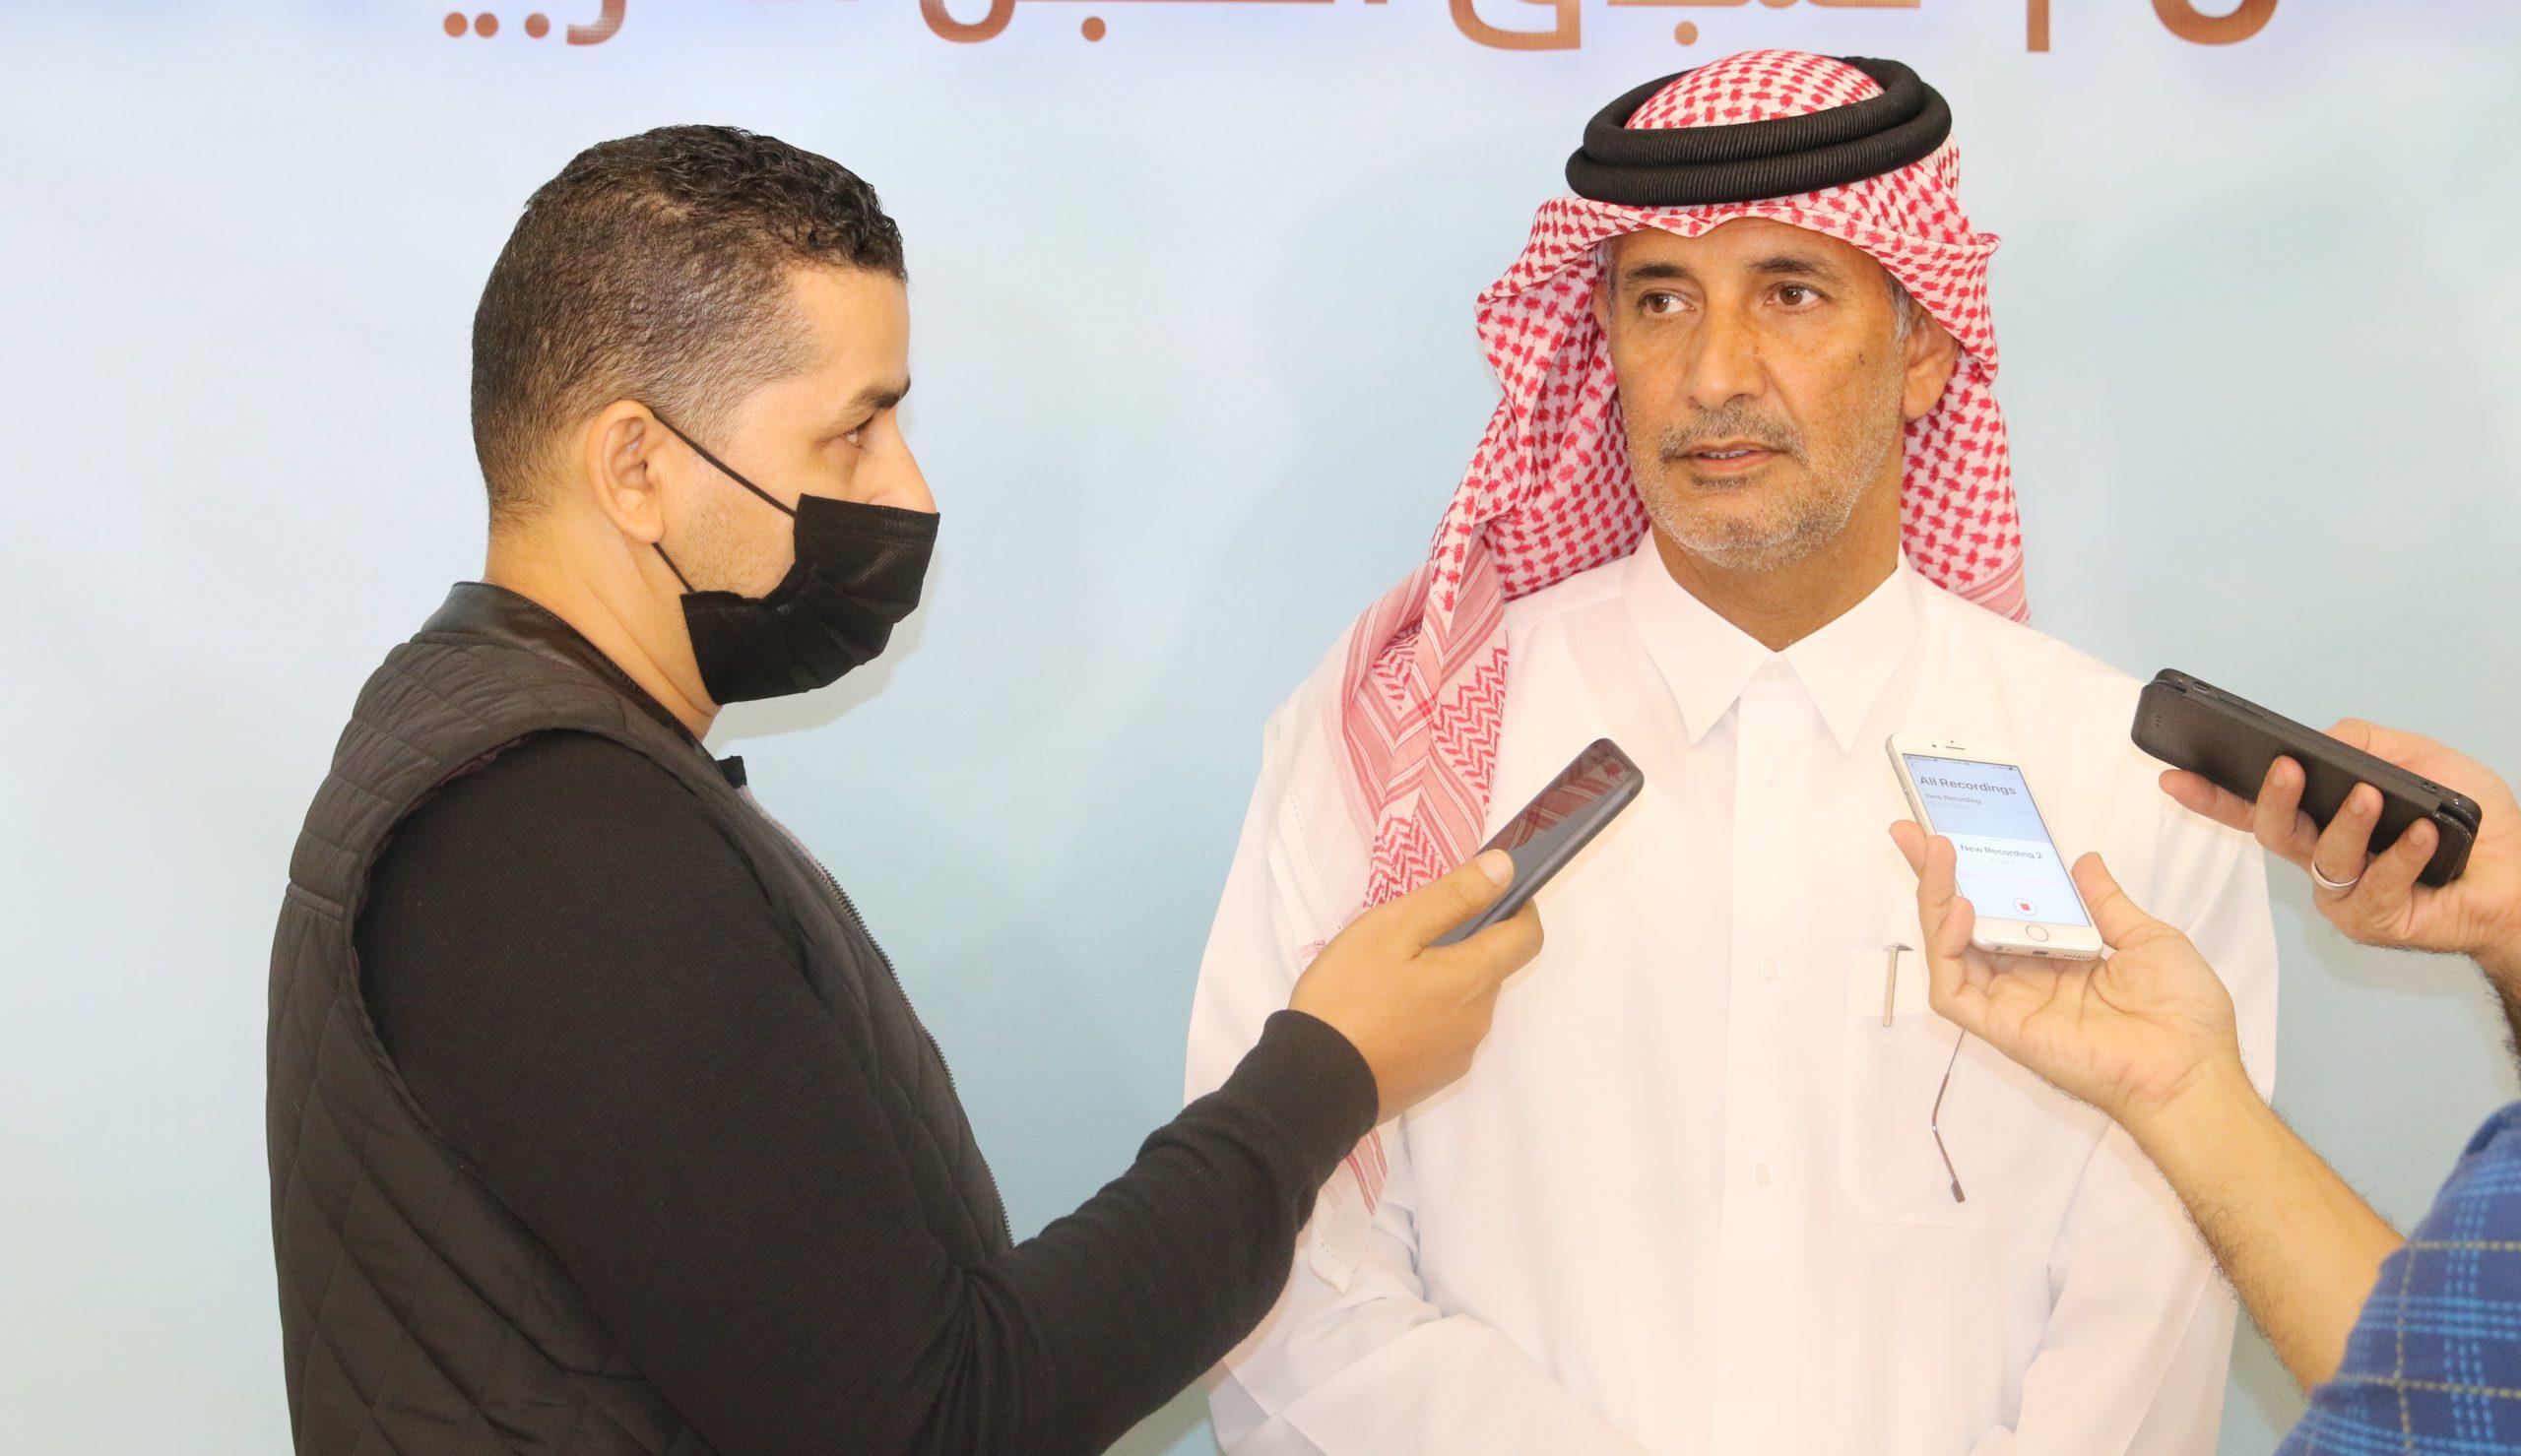 عبدالله الكواري: زيادة ملحوظة في أعداد المسجلين بمهرجان المؤسس هذا العام